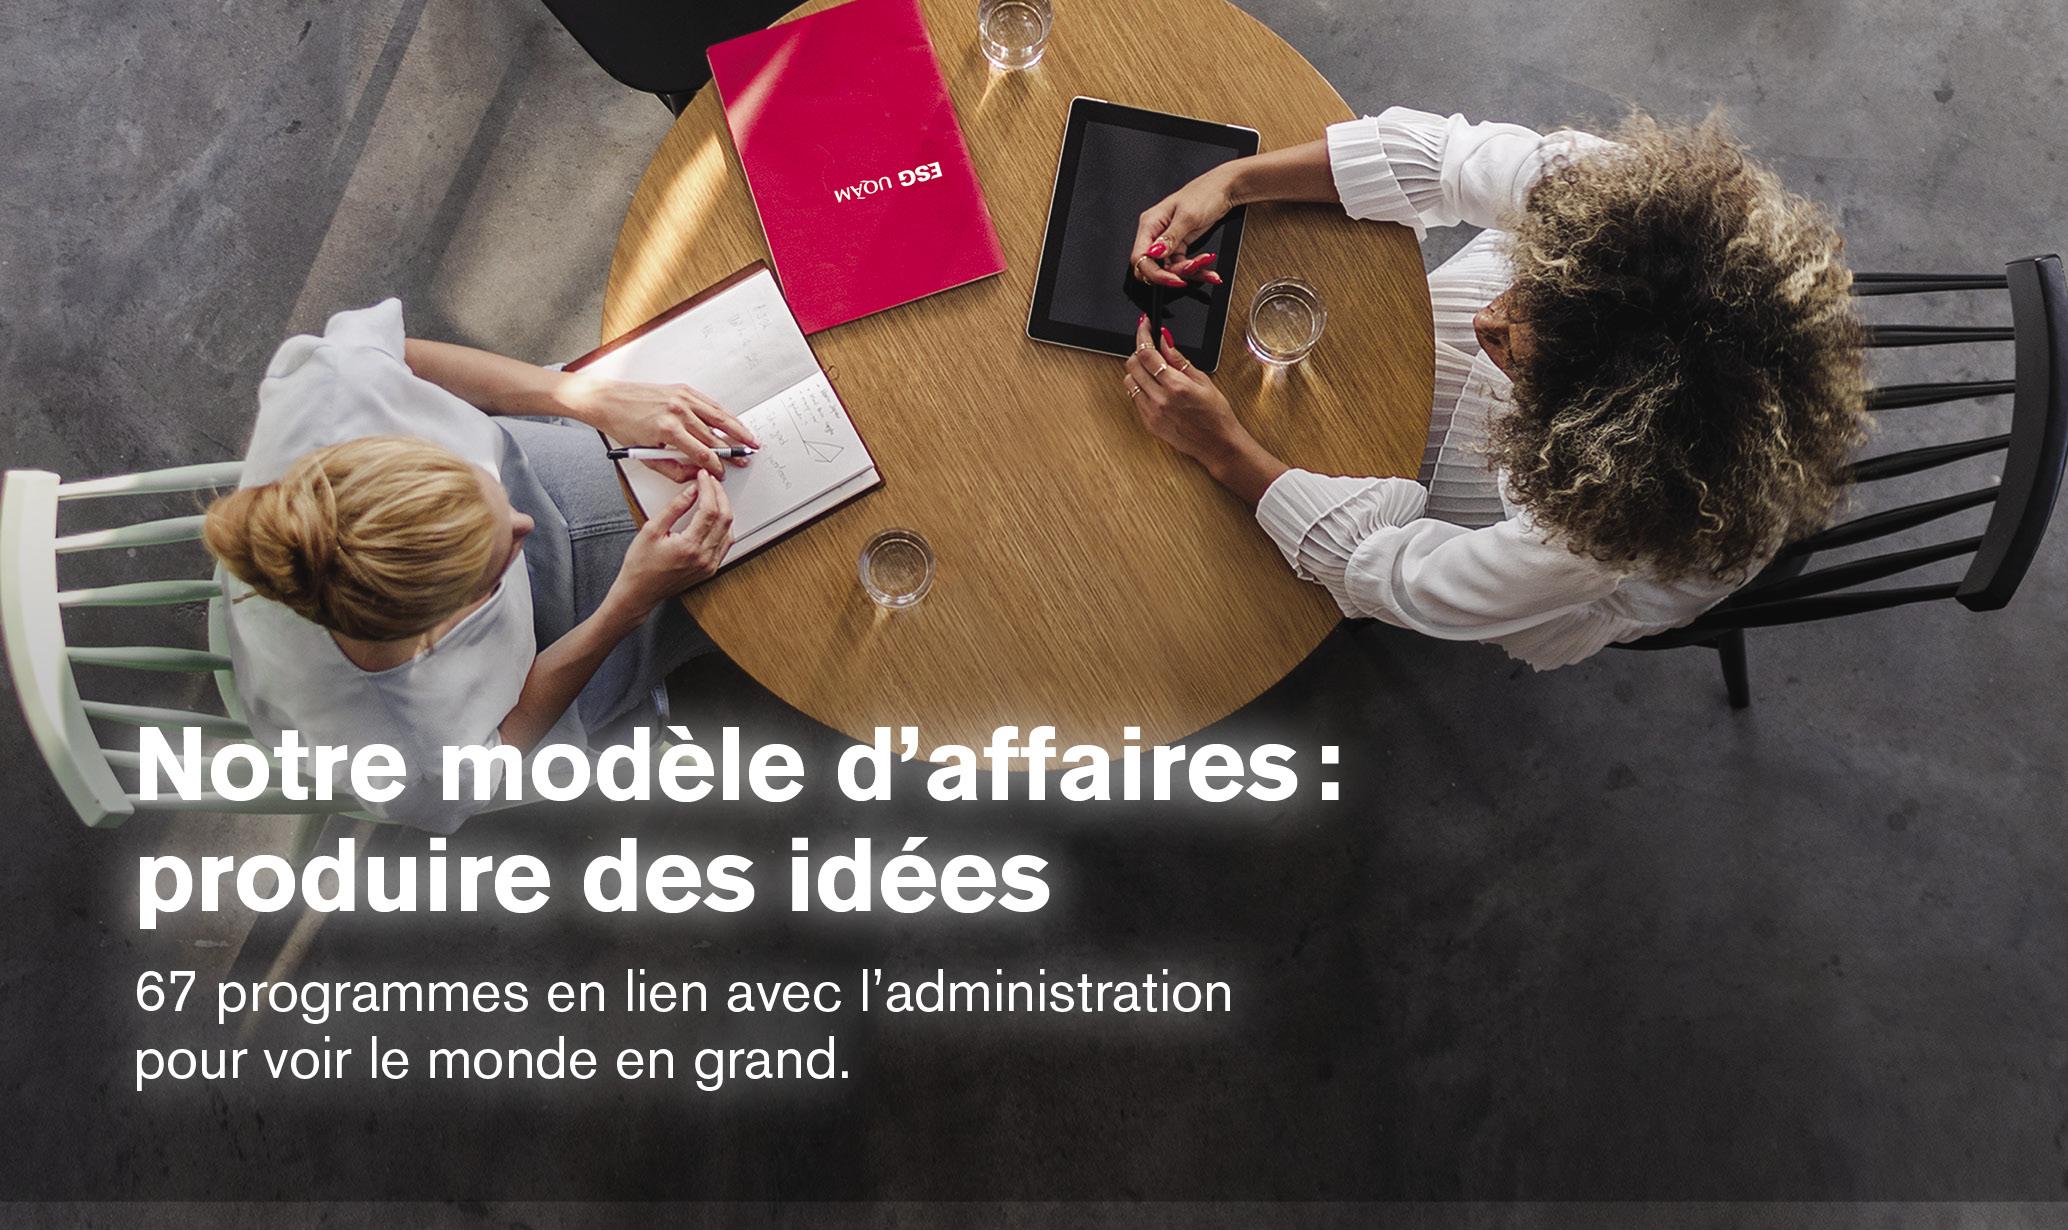 Notre modèle d'affaires: produire des idées | 67 programmes en lien avec l'administration pour voir le monde en grand.